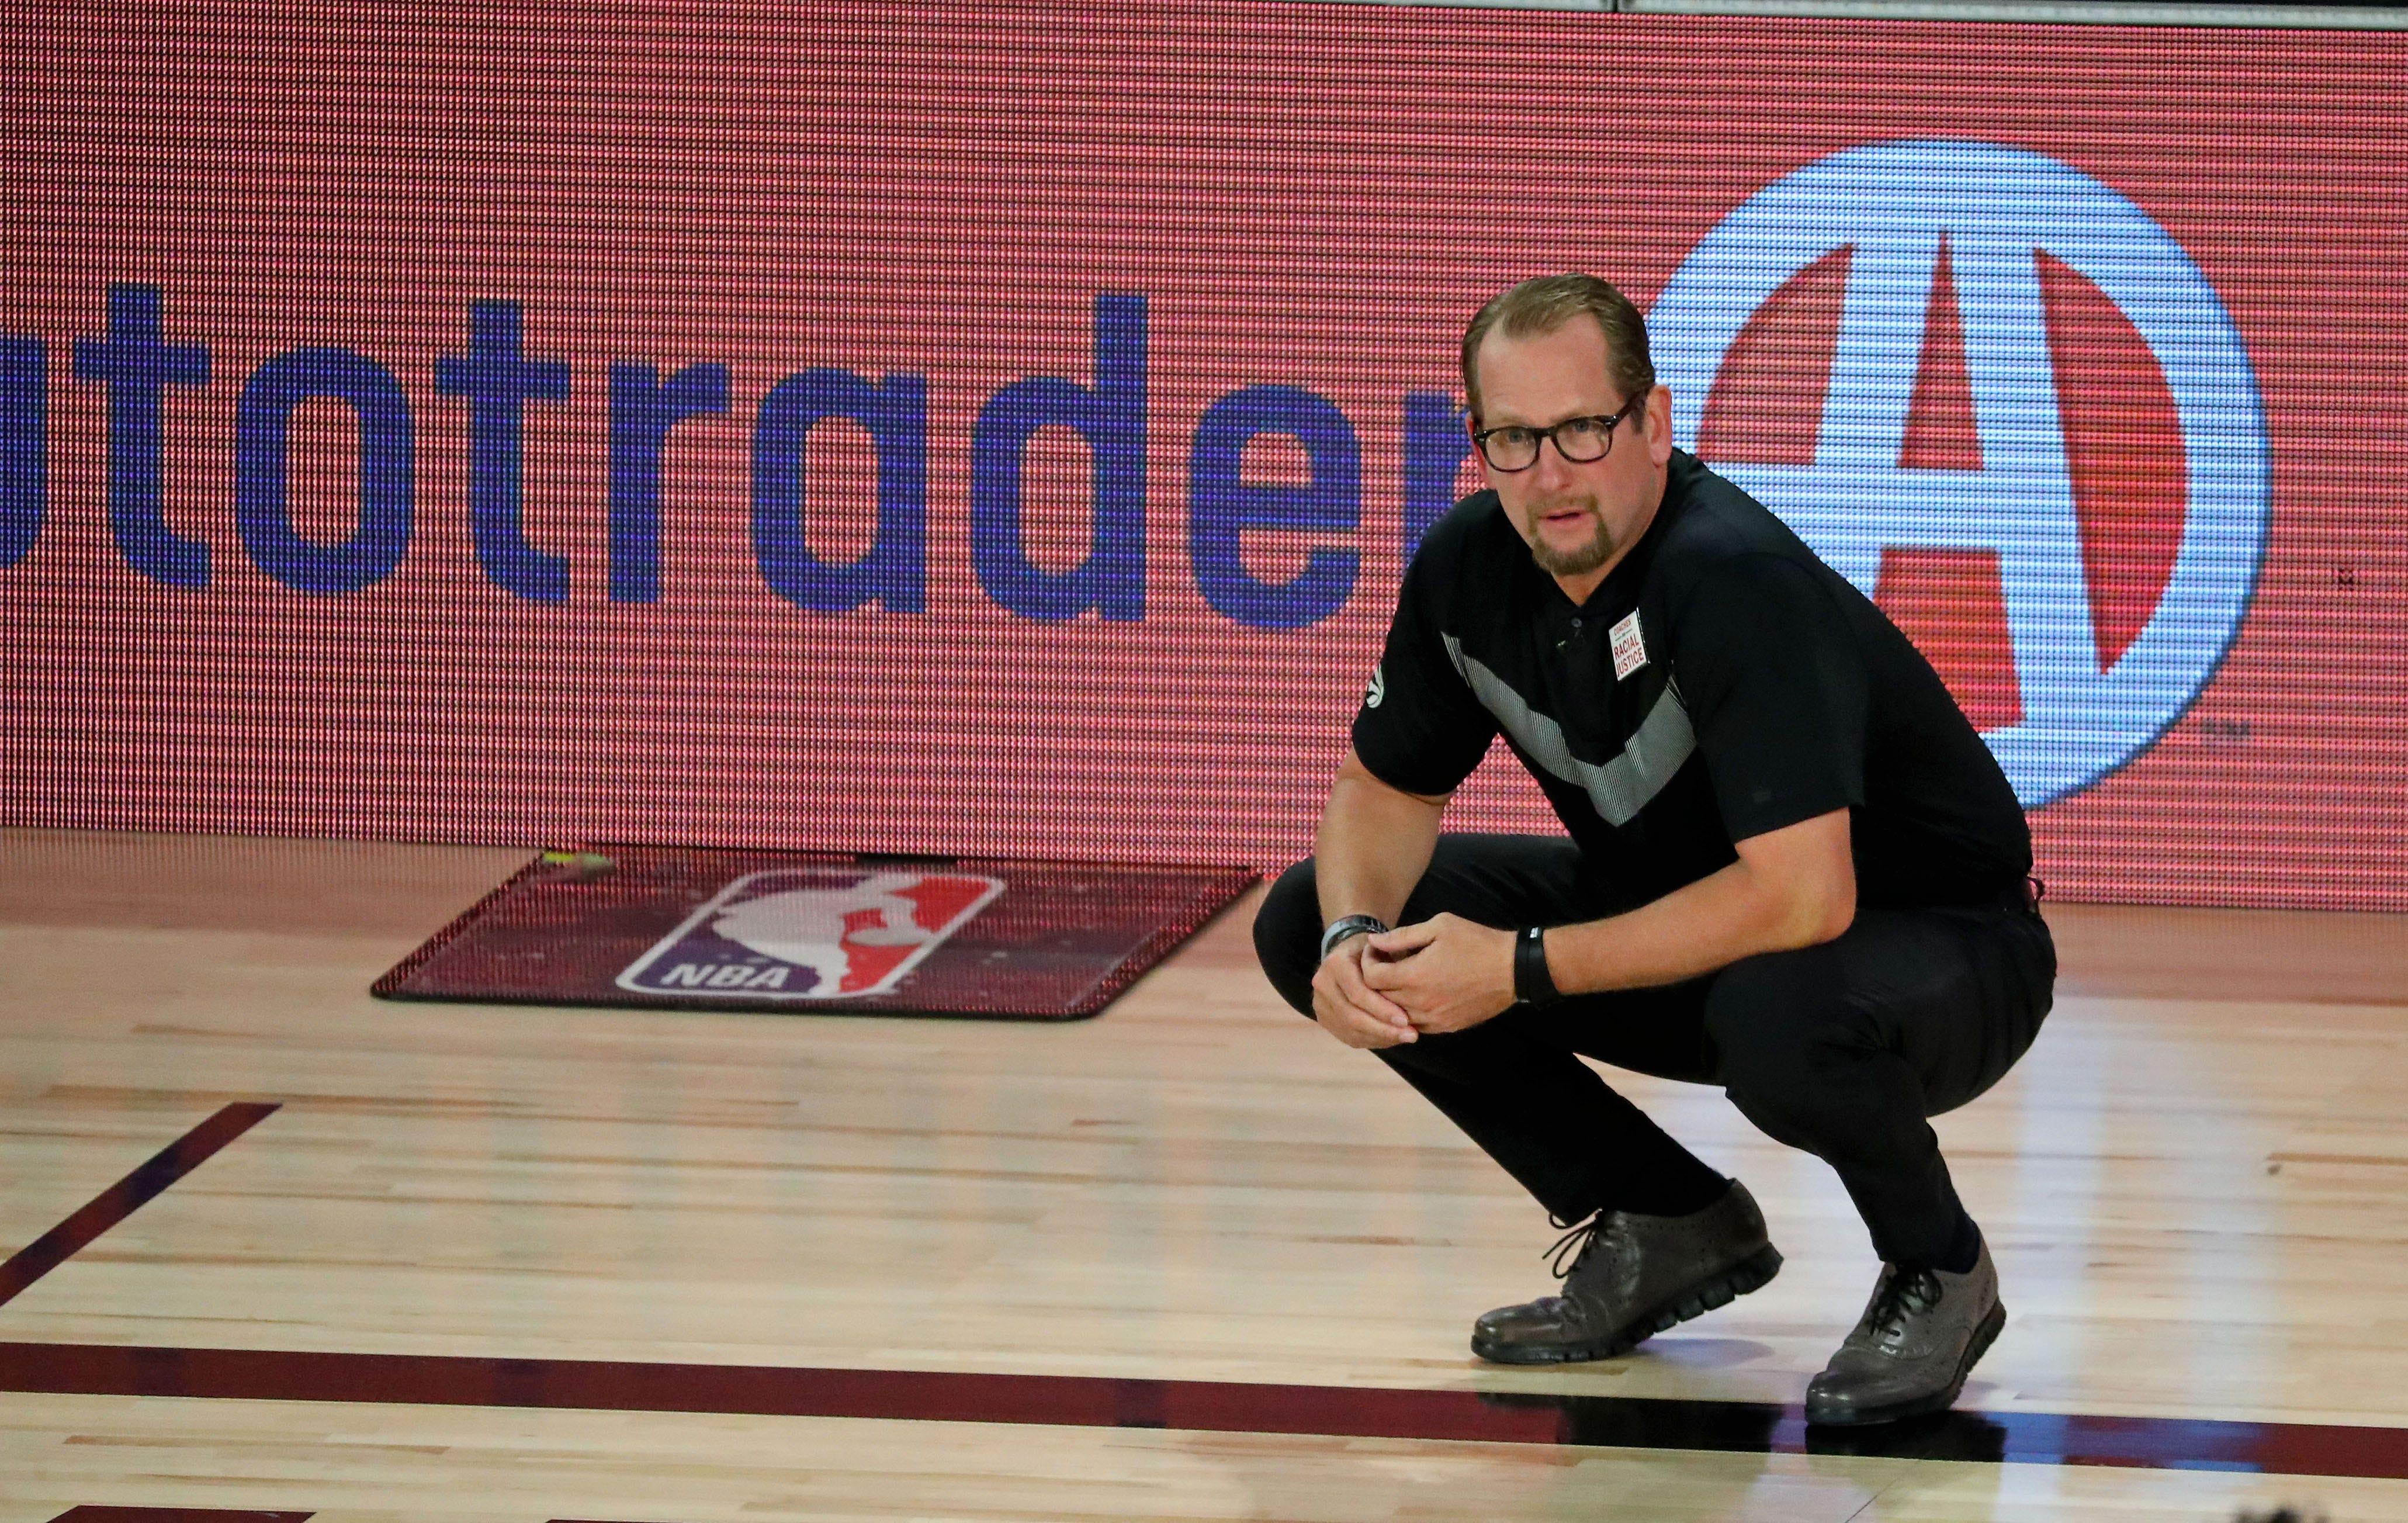 'No more excuses': Toronto Raptors coach Nick Nurse urging Americans in Canada to vote